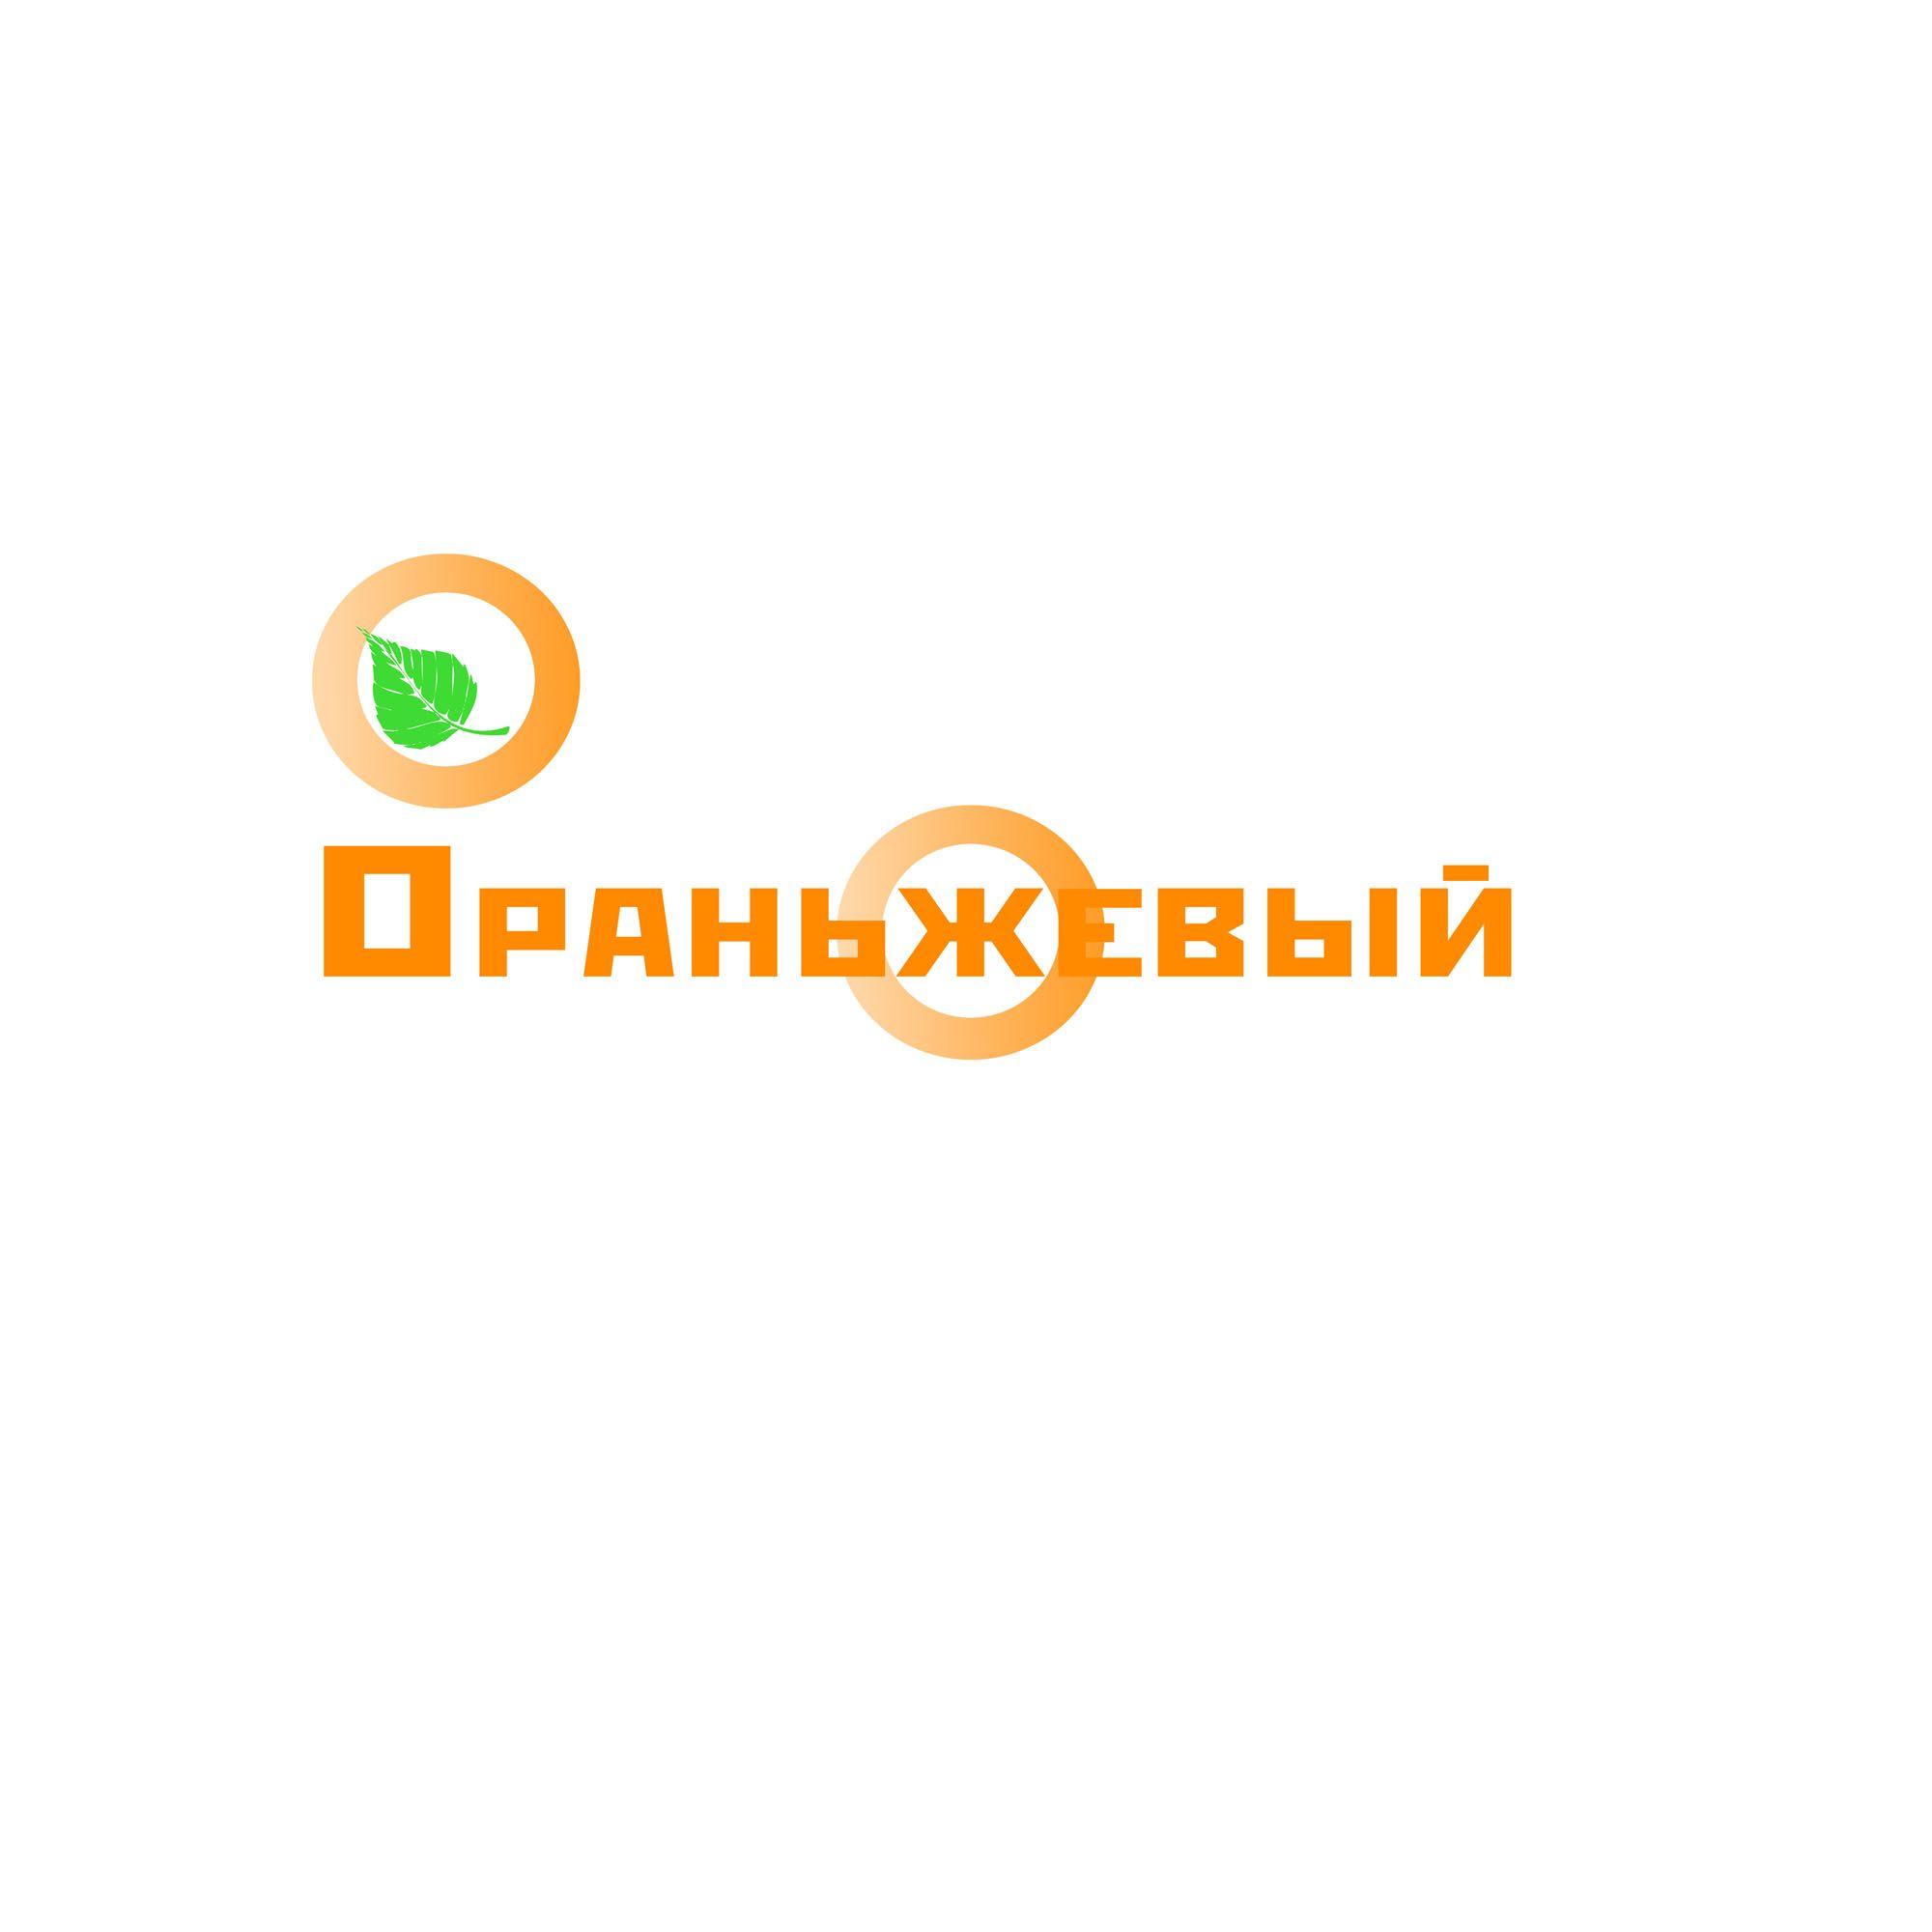 Логотип Финансовой Организации - дизайнер 140984VV